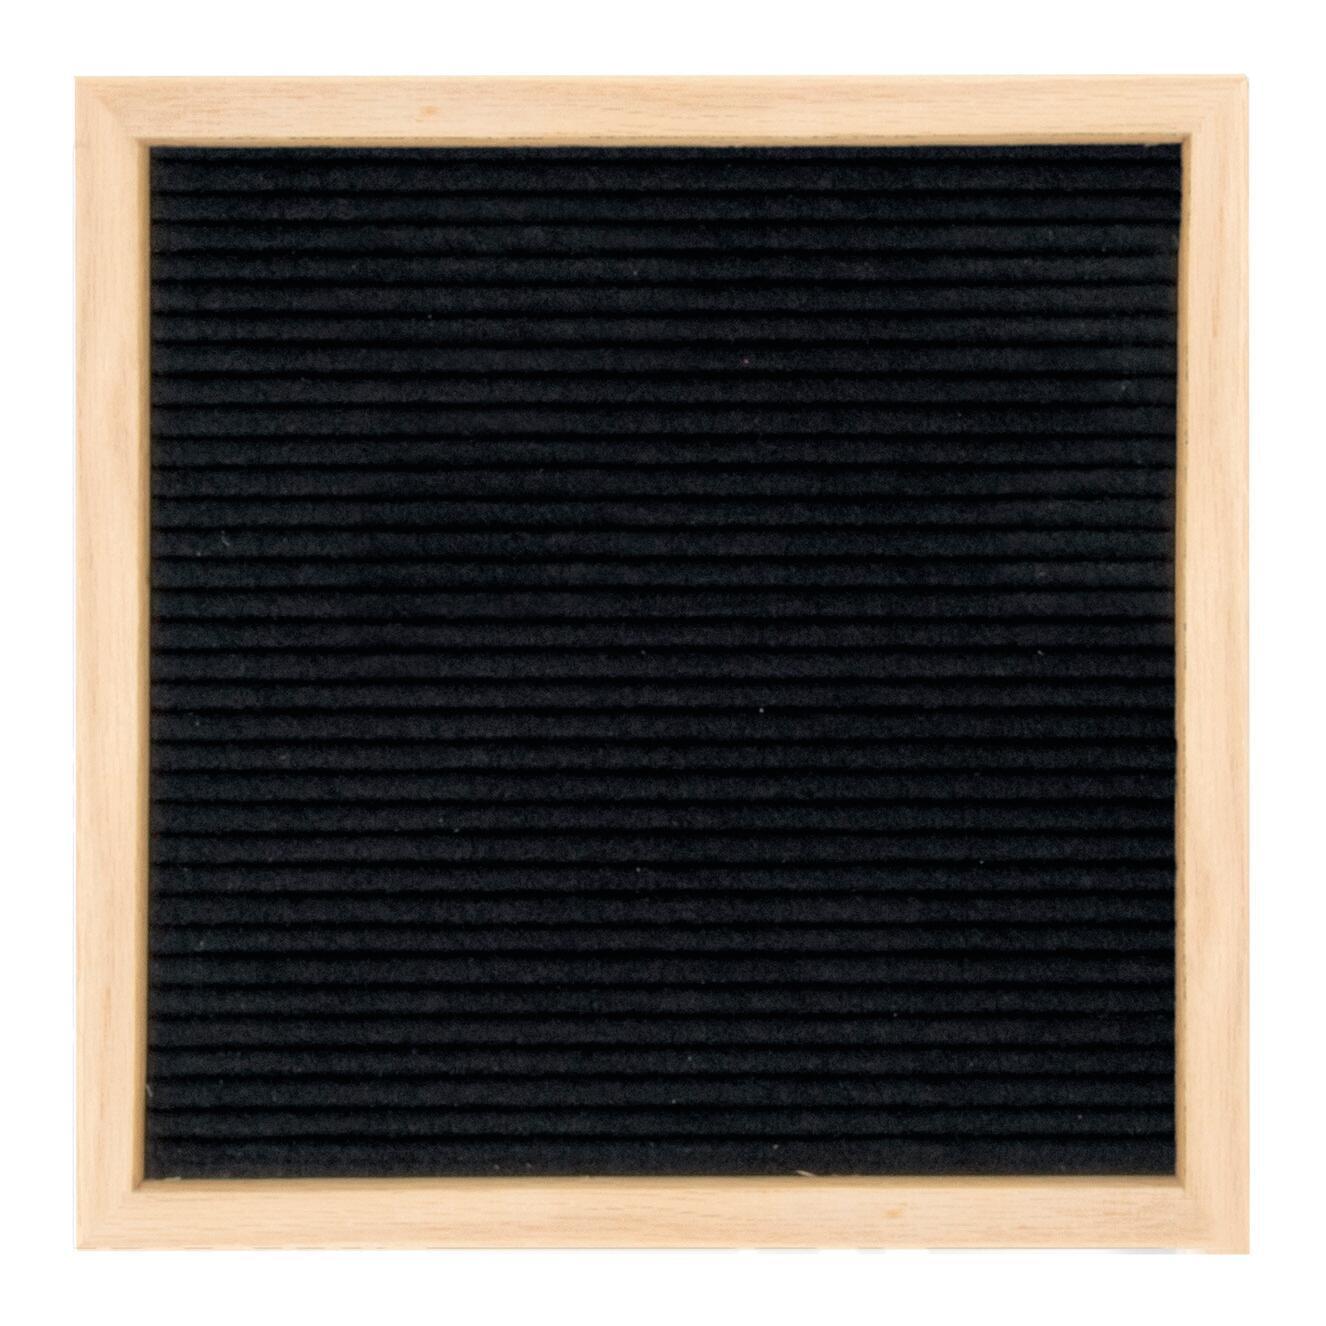 Bacheca Lettere beige 30x30 cm - 2